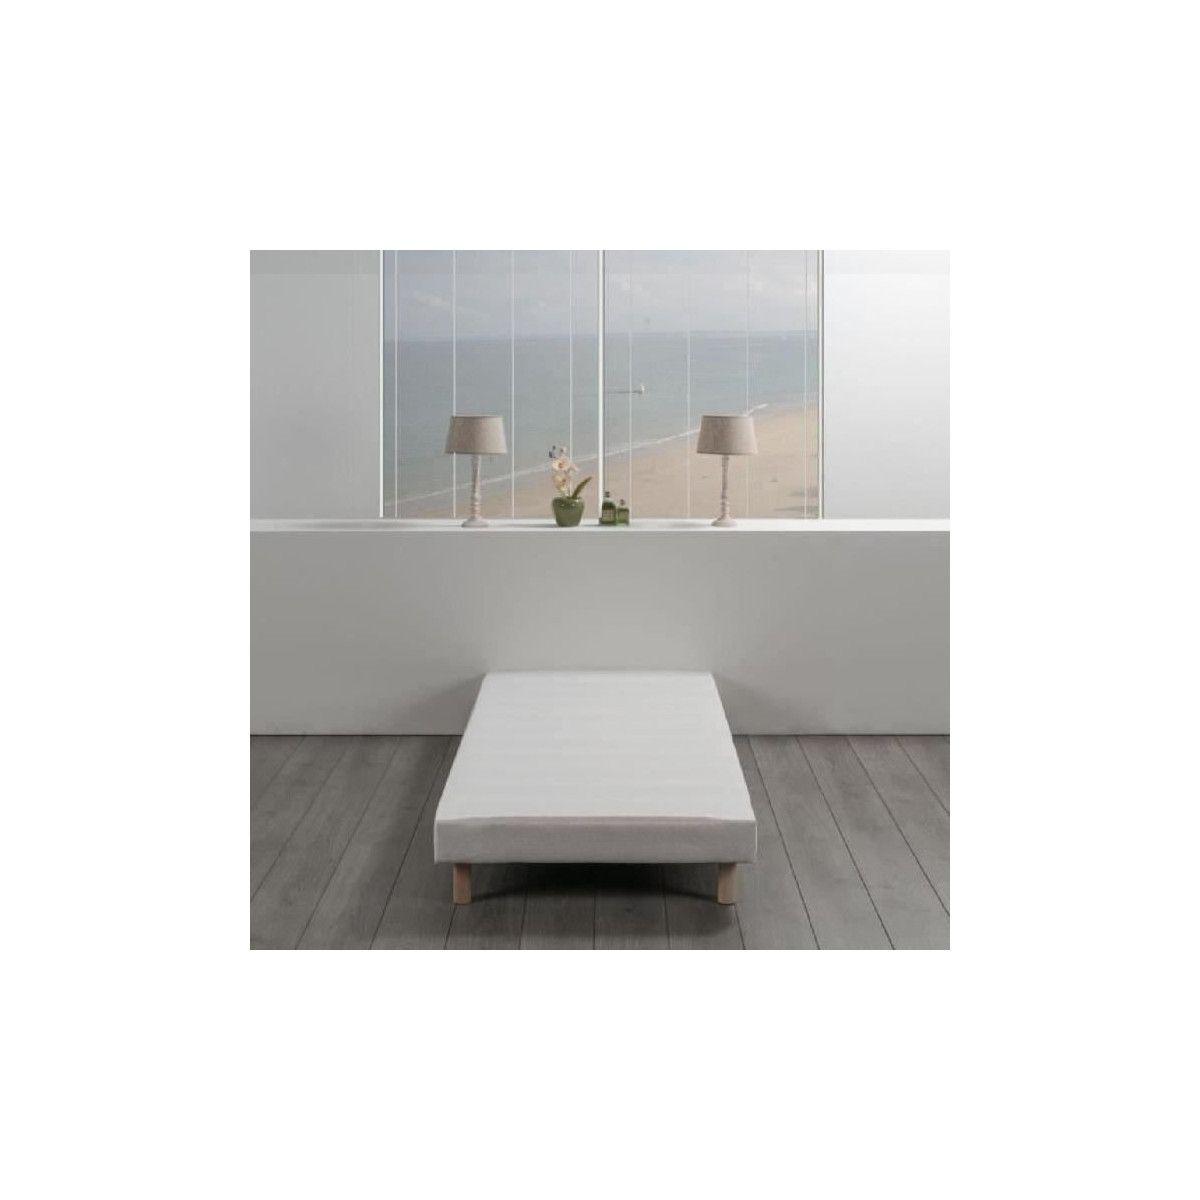 Ou Acheter Des Sangles De Tapissier sommier tapissier a lattes 90 x 190 - bois massif blanc + pieds bois verni  clair - finlandek rakenne